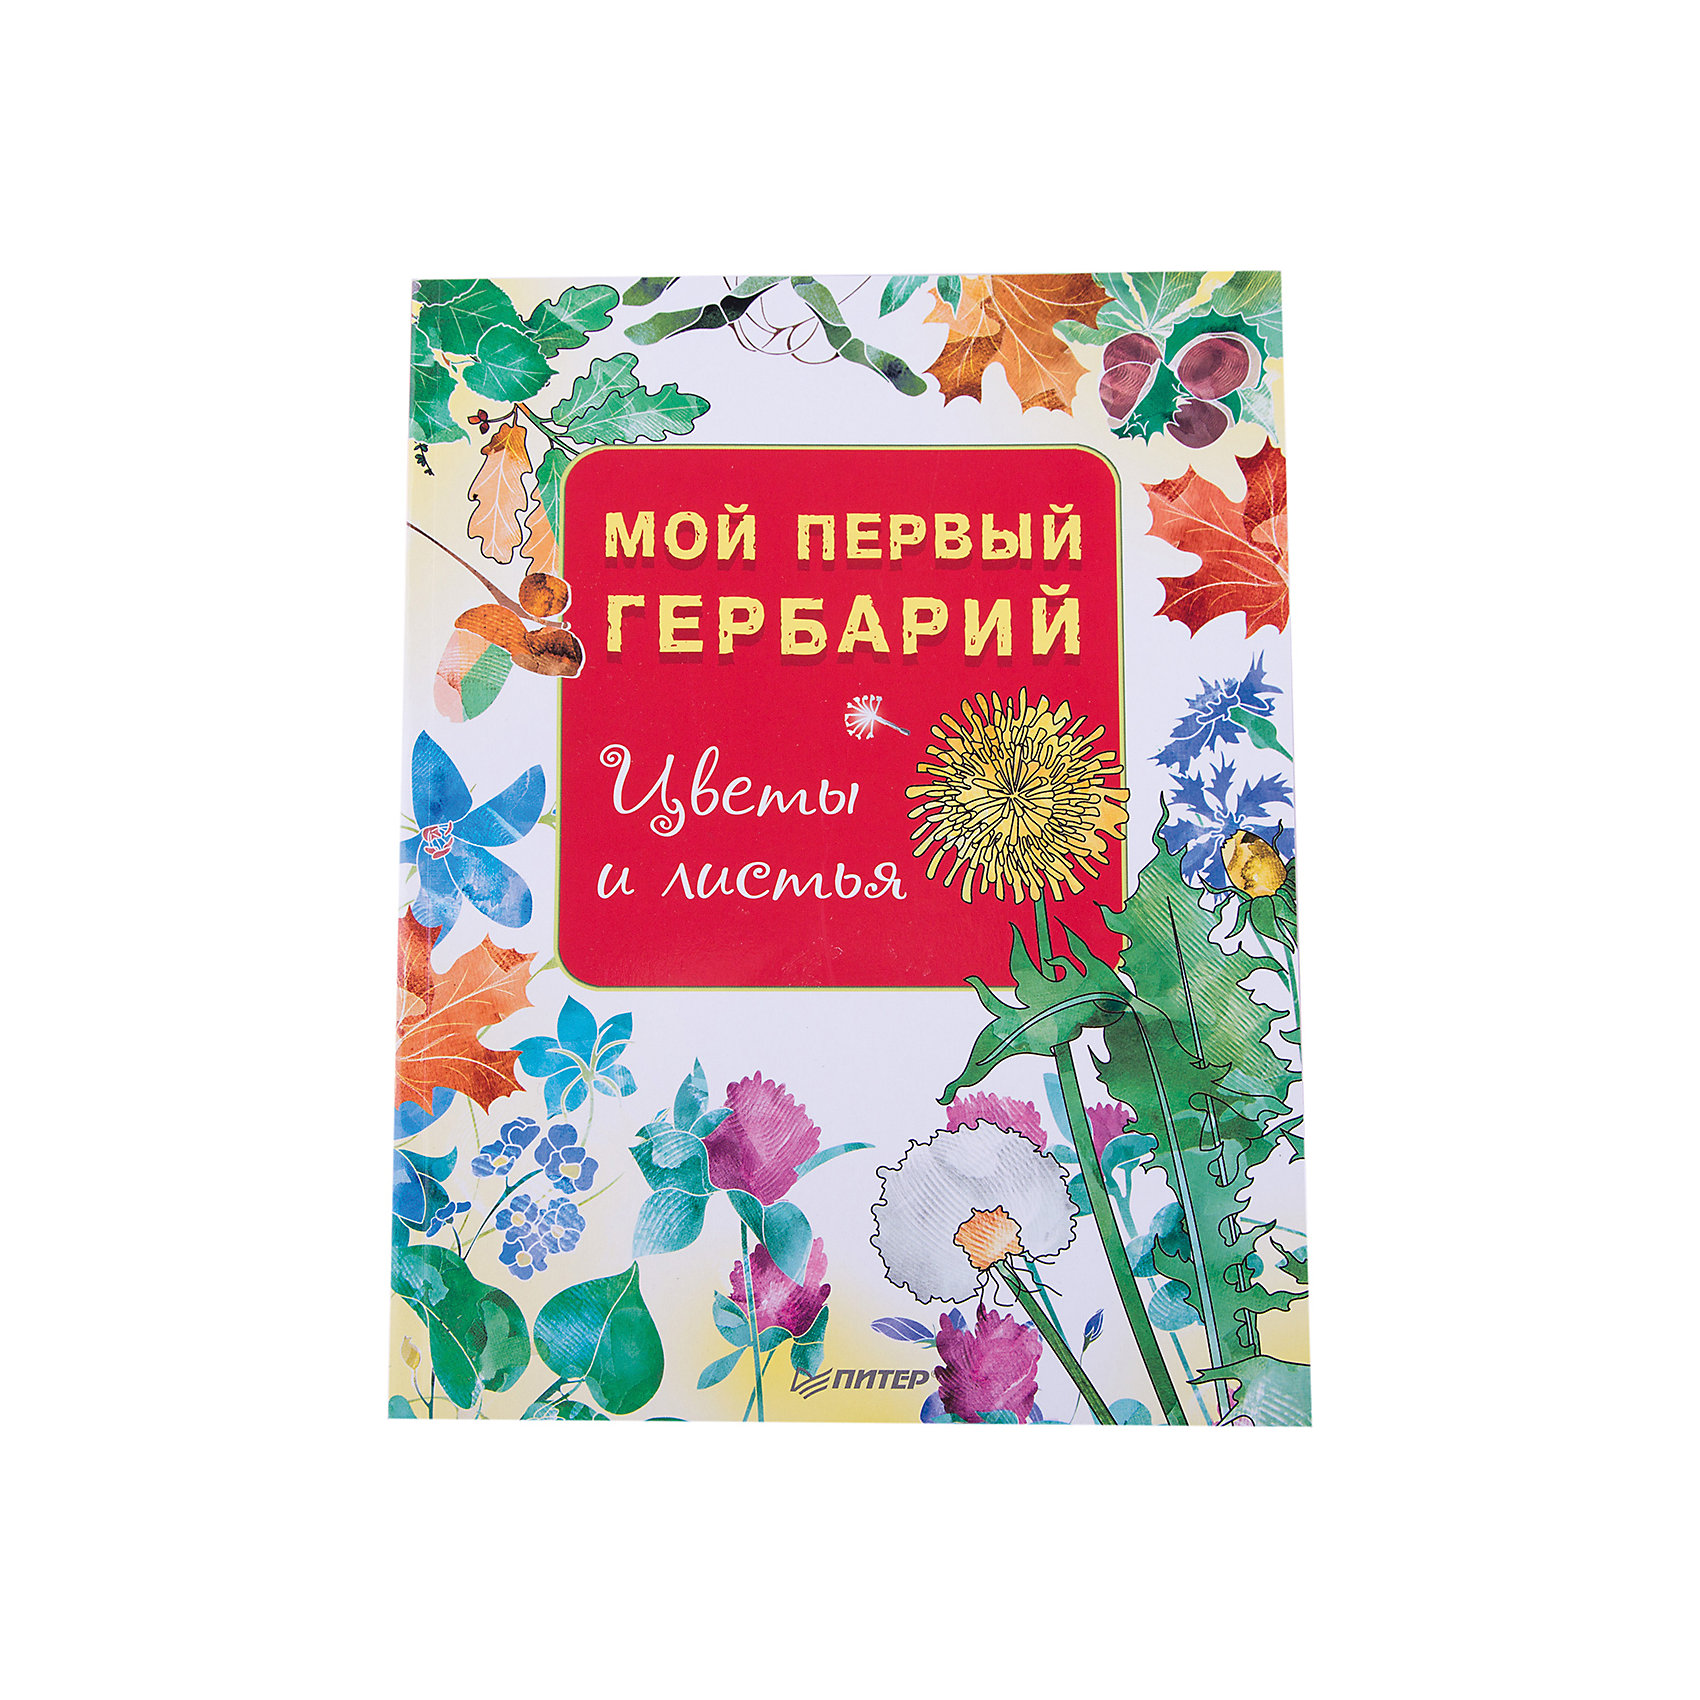 Книга Мой первый гербарий: Цветы и листьяКниги по рукоделию<br>Характеристики товара:<br><br>• количество страниц: 48;<br>• формат: 20,5х26;<br>• обложка: мягкая;<br>• ISBN: 978-5-496-02964-3;<br>• размер упаковки: 10х19,5х25,2 см;<br>• вес: 166 грамм.<br><br>«Мой первый гербарий: Цветы и листья» - книга для детей дошкольного и младшего школьного возраста. В ней ребенок найдет интересные советы по сбору и засушиванию материалов, а также ознакомится с самыми распространенными видами растений России.<br><br>Описания растений дополнены иллюстрациями.<br><br>Книгу Мой первый гербарий: Цветы и листья можно купить в нашем интернет-магазине.<br><br>Ширина мм: 252<br>Глубина мм: 195<br>Высота мм: 100<br>Вес г: 166<br>Возраст от месяцев: 72<br>Возраст до месяцев: 2147483647<br>Пол: Унисекс<br>Возраст: Детский<br>SKU: 5576704